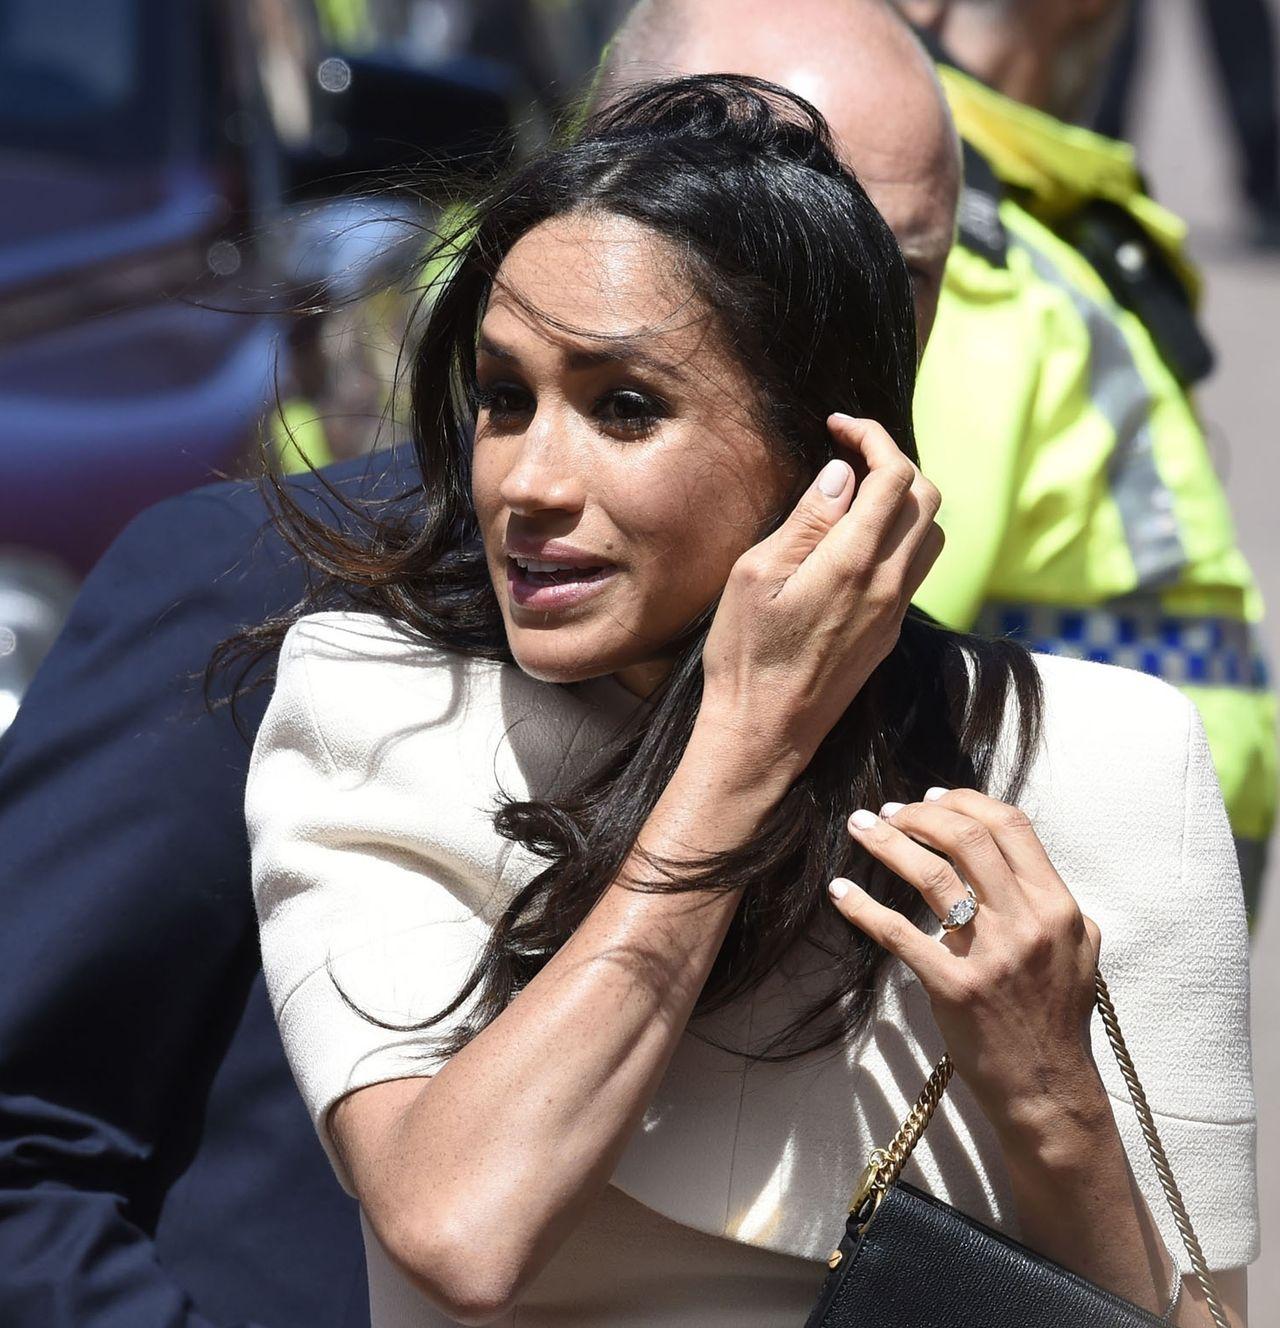 Jakie konsekwencje grożą księżnej Meghan za odsłonięty biustonosz na ślubie?